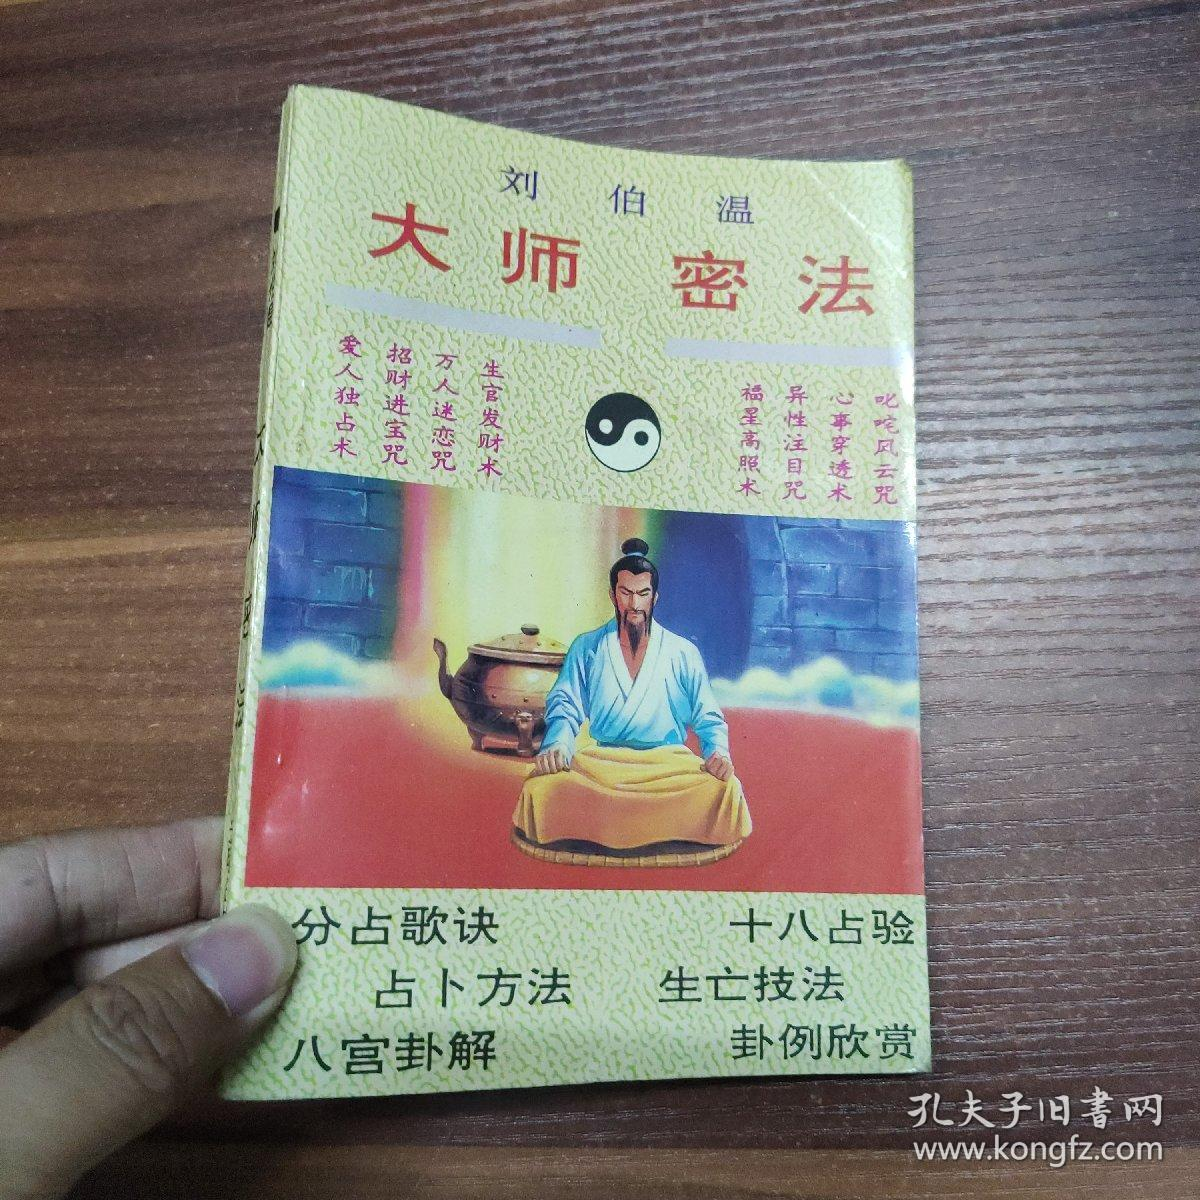 刘伯温大师密法